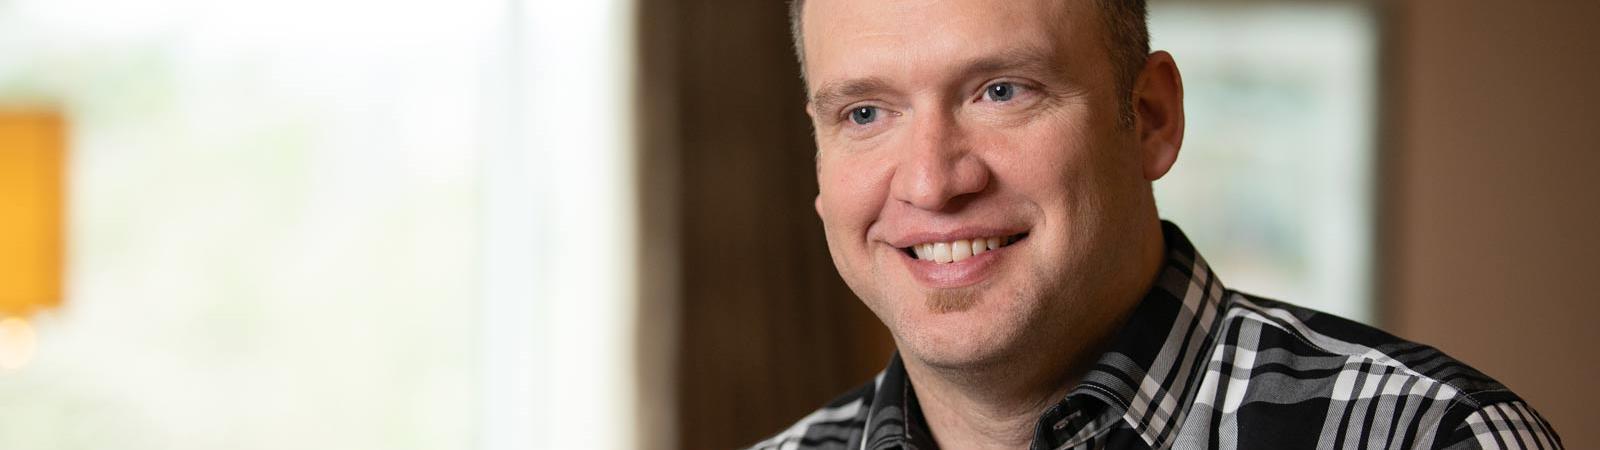 Hämophilie-A-Patient Jesse Schrader